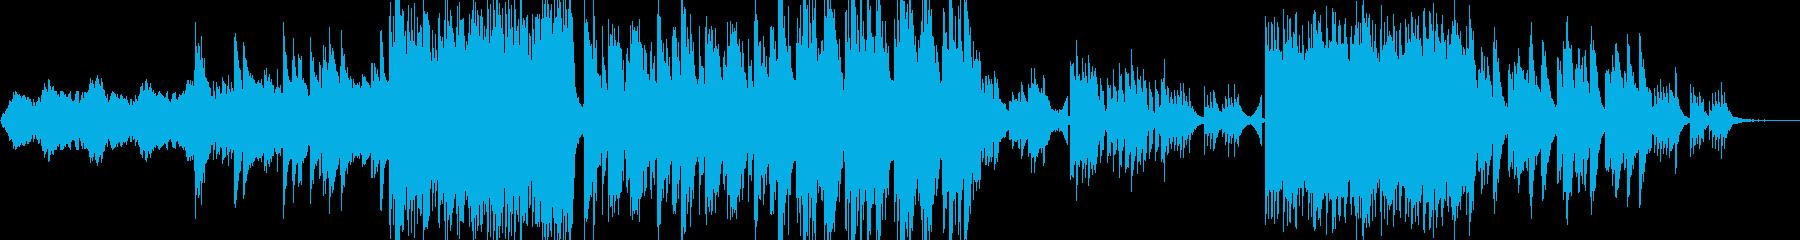 ピアノメインのダンスミュージックの再生済みの波形